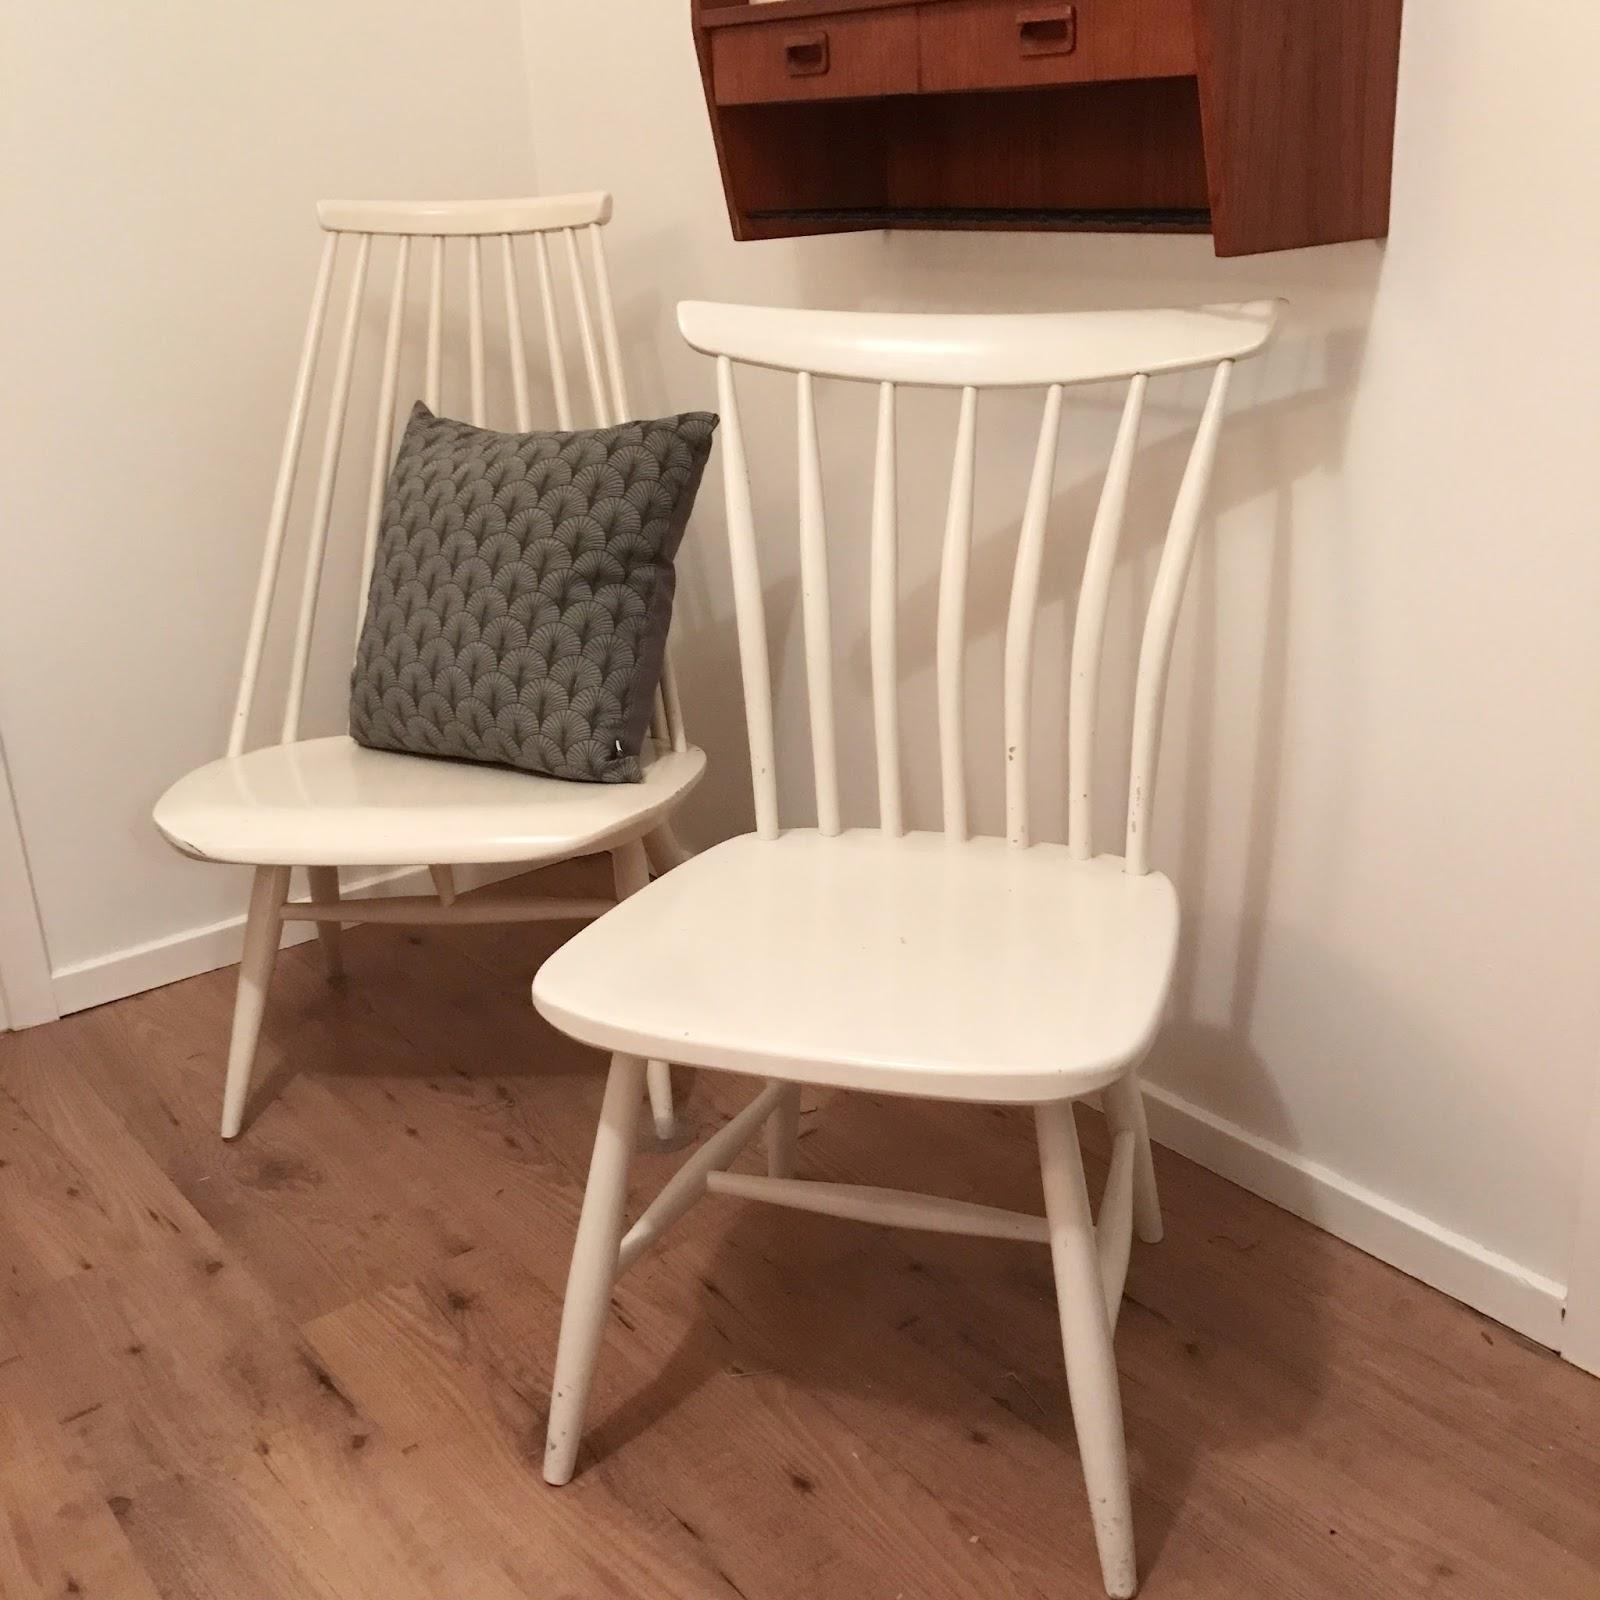 Hittade en stol på loppis för ett par veckor sedan som var för fin för att inte  köpa. Stolen ser ut som en ståtlig kavaljer till min Mademoiselle från ... cdbd1d7cc5ed5